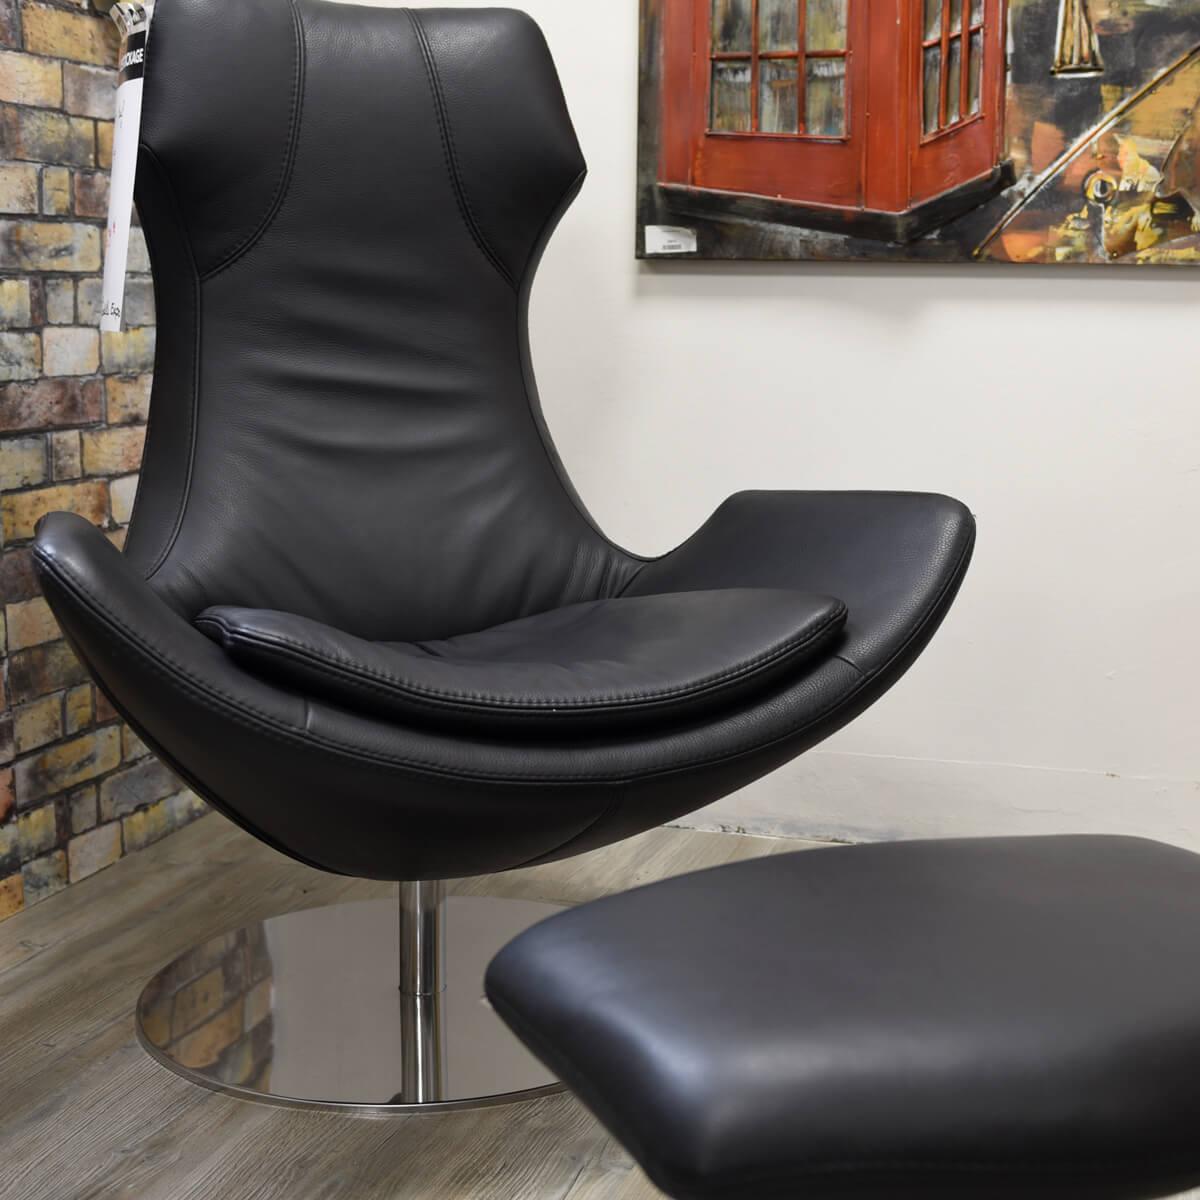 fauteuil-pouf-noir